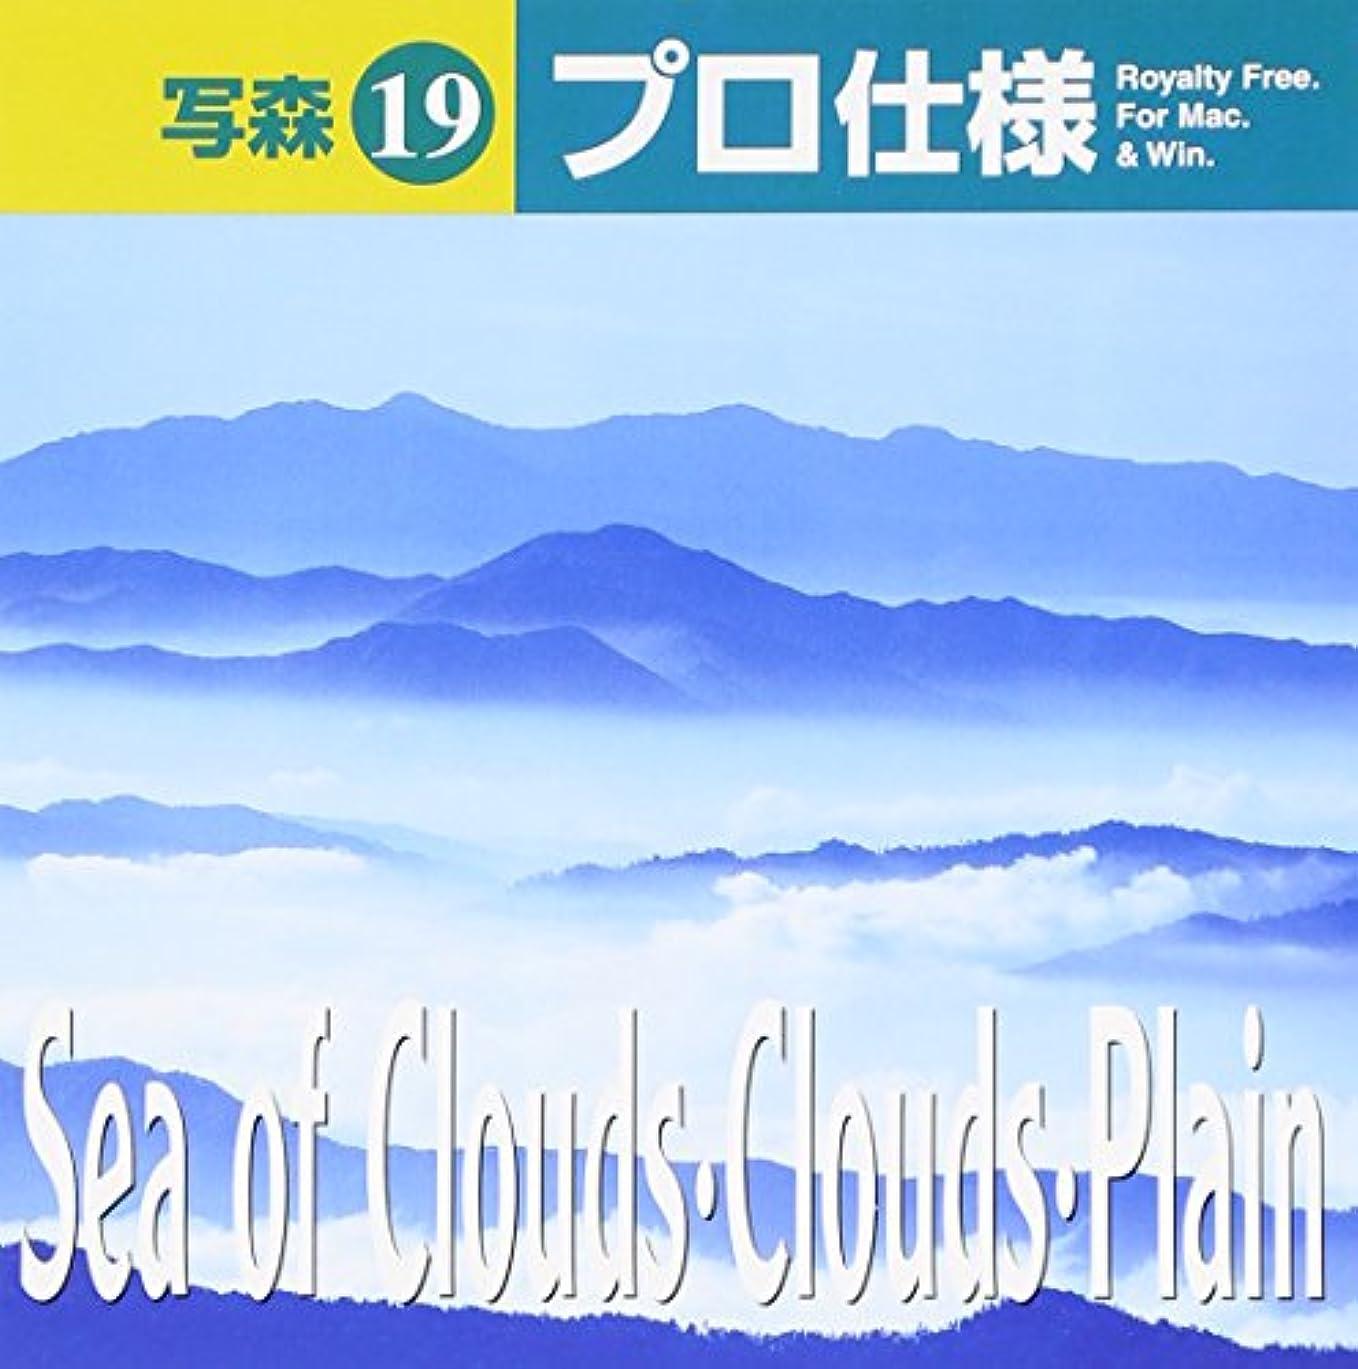 ボイコット木製歌手写森プロ仕様 Vol.19 Sea of Clouds?Clouds?Plain